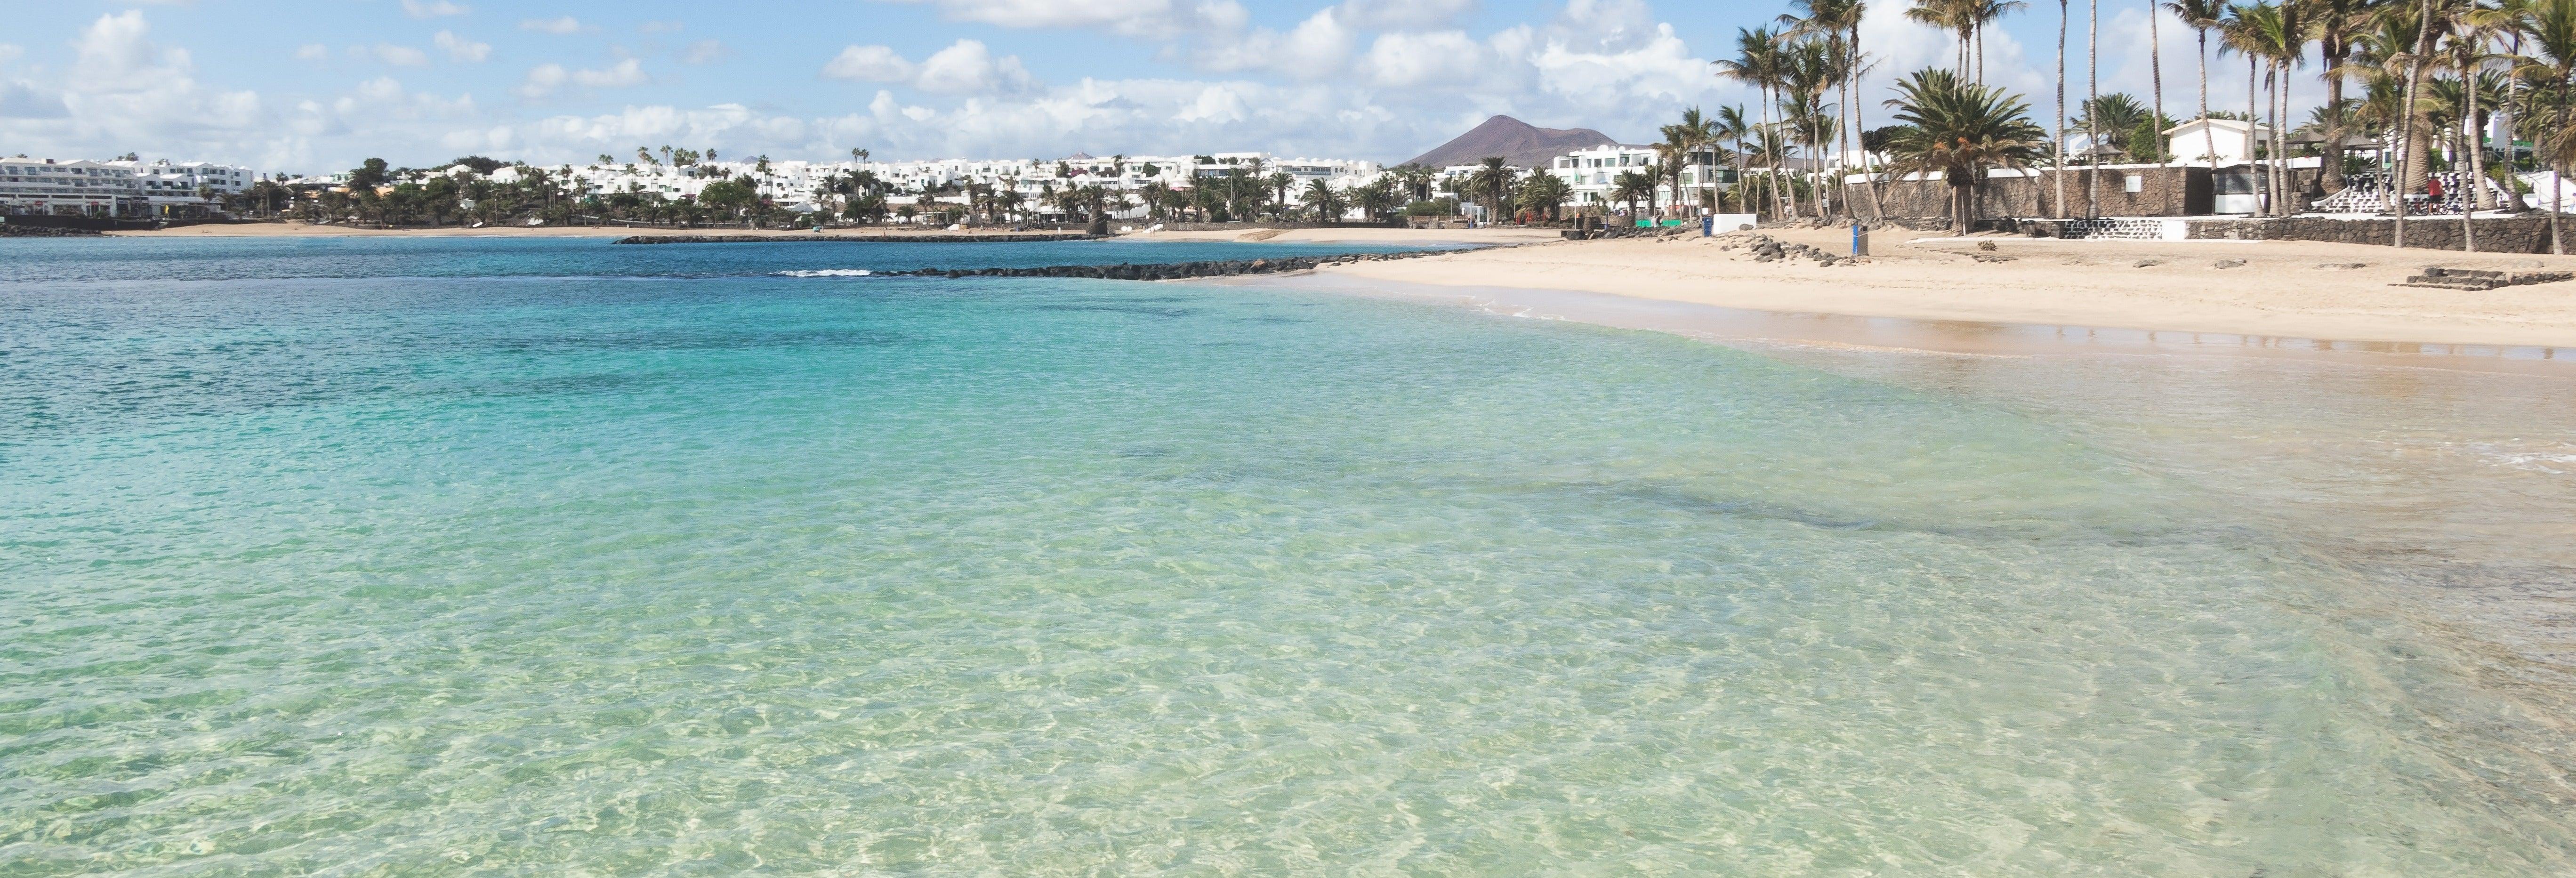 Bautismo de buceo en Costa Teguise